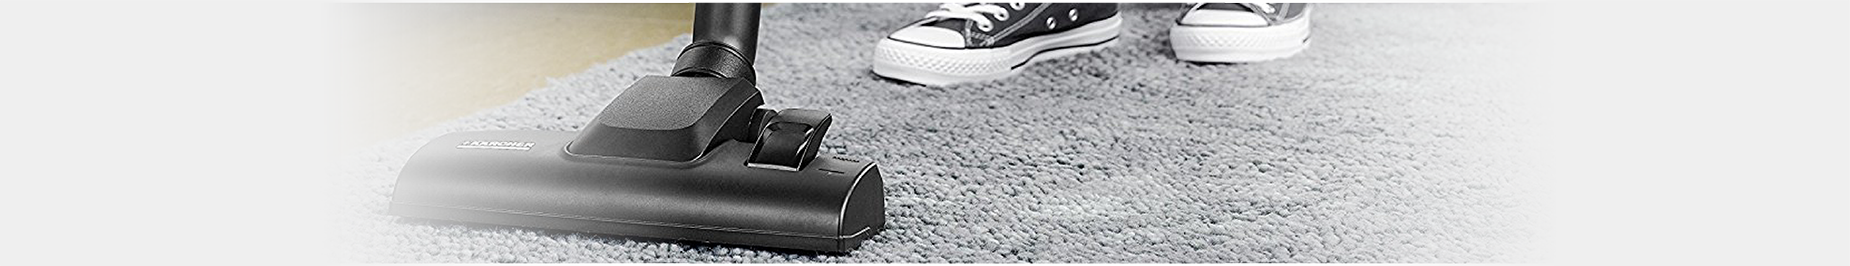 bodenstaubsauger test bersicht und vergleich 2018 top 5. Black Bedroom Furniture Sets. Home Design Ideas